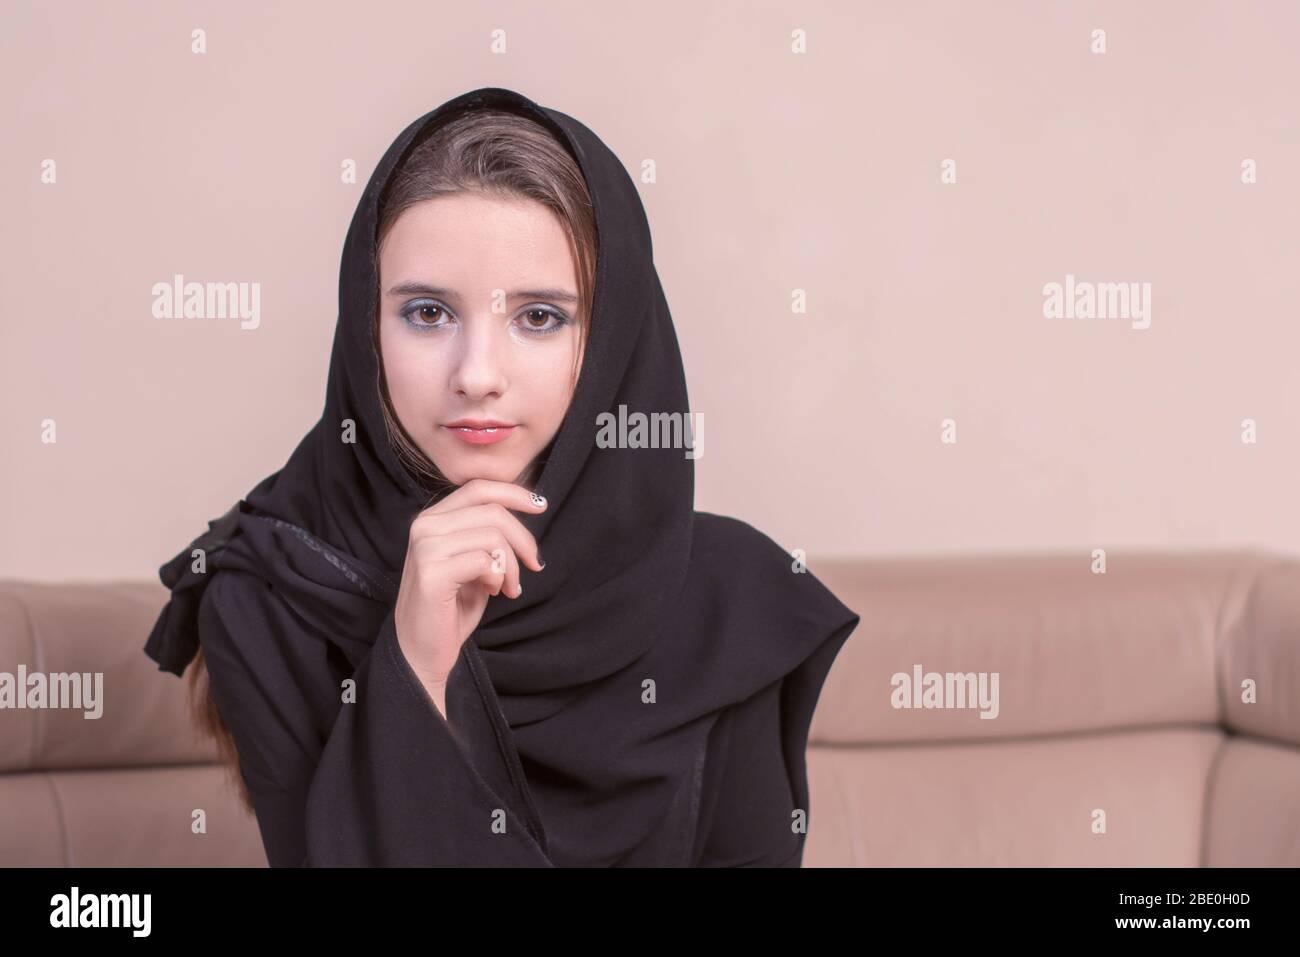 Girls young arab Arabian Brides